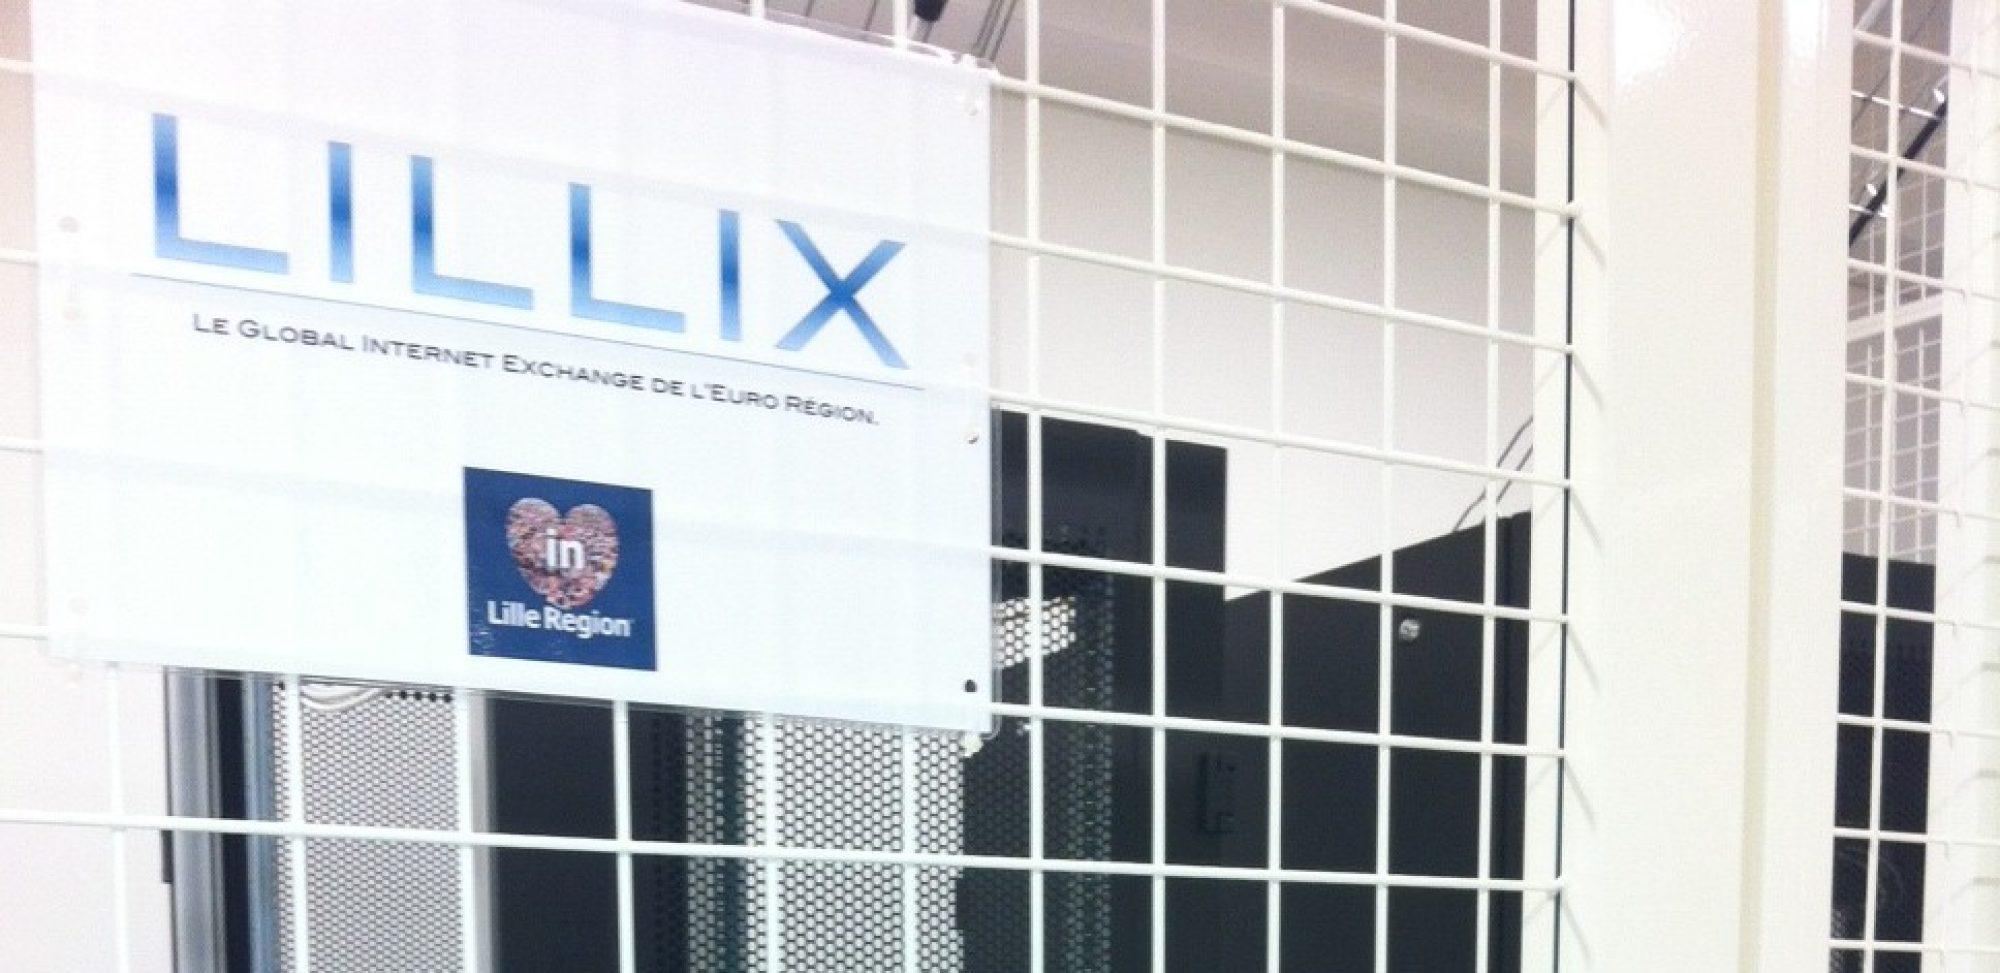 LILLIX - Le point d'échange de Lille et de l'Eurorégion